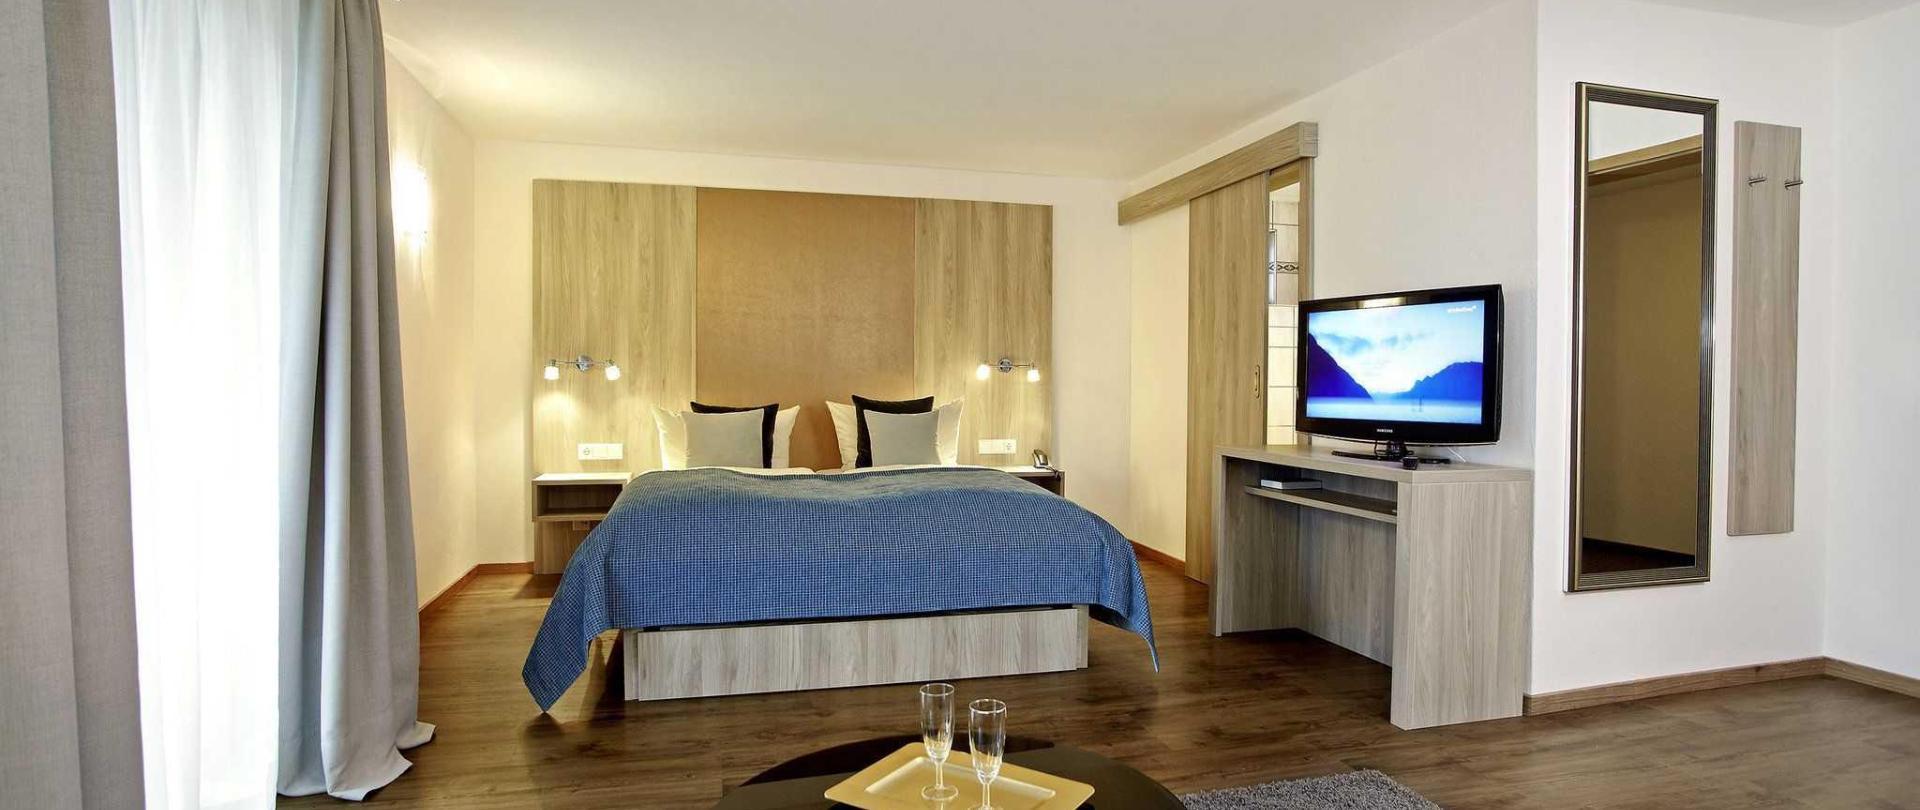 familienzimmer-in-blau-und-silber-2.jpg